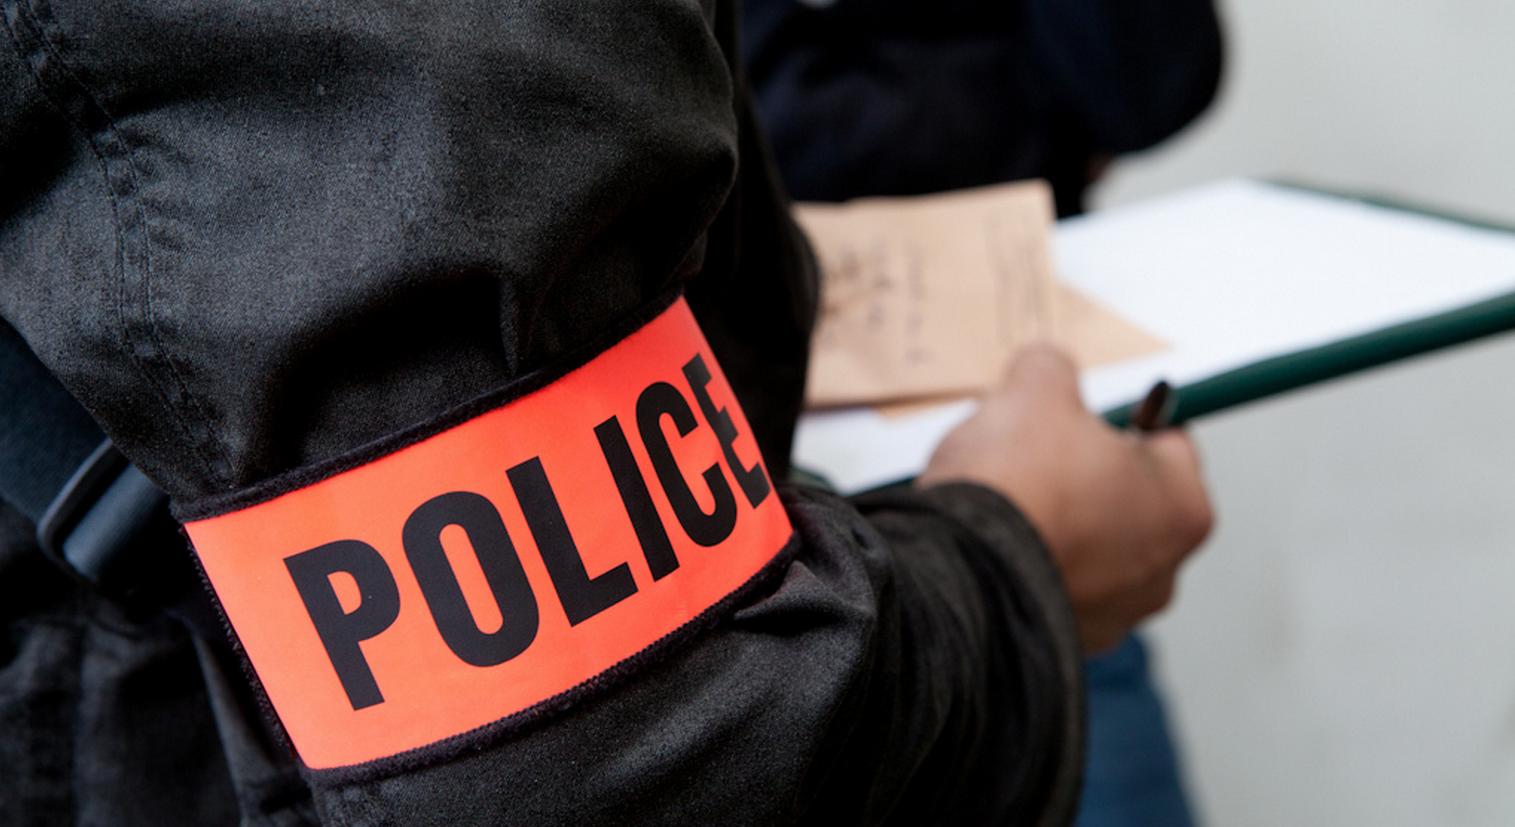 La police a ouvert une enquête afin de rechercher les causes de la mort (Illustration)